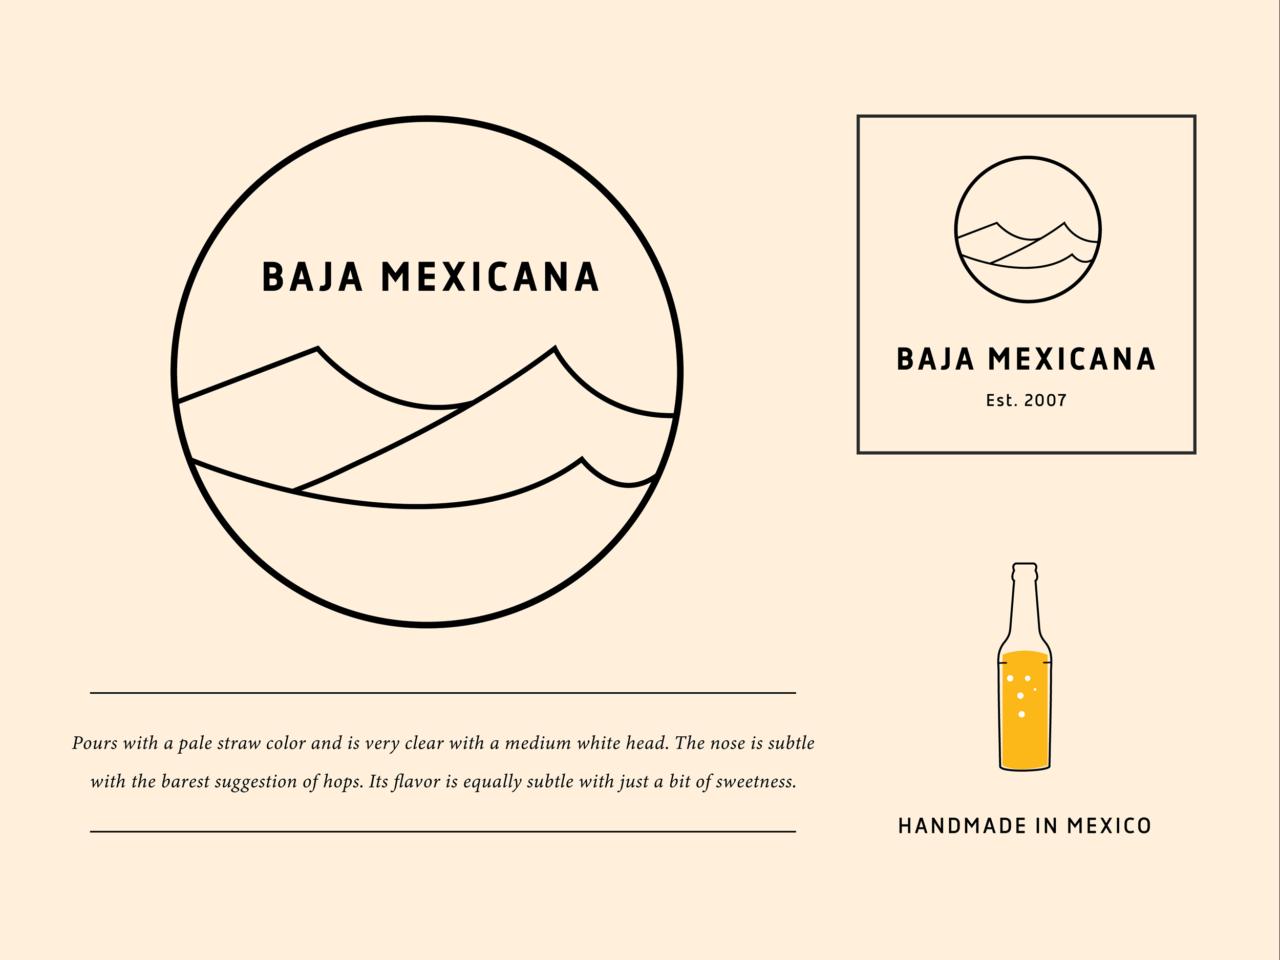 Baja Mexicana